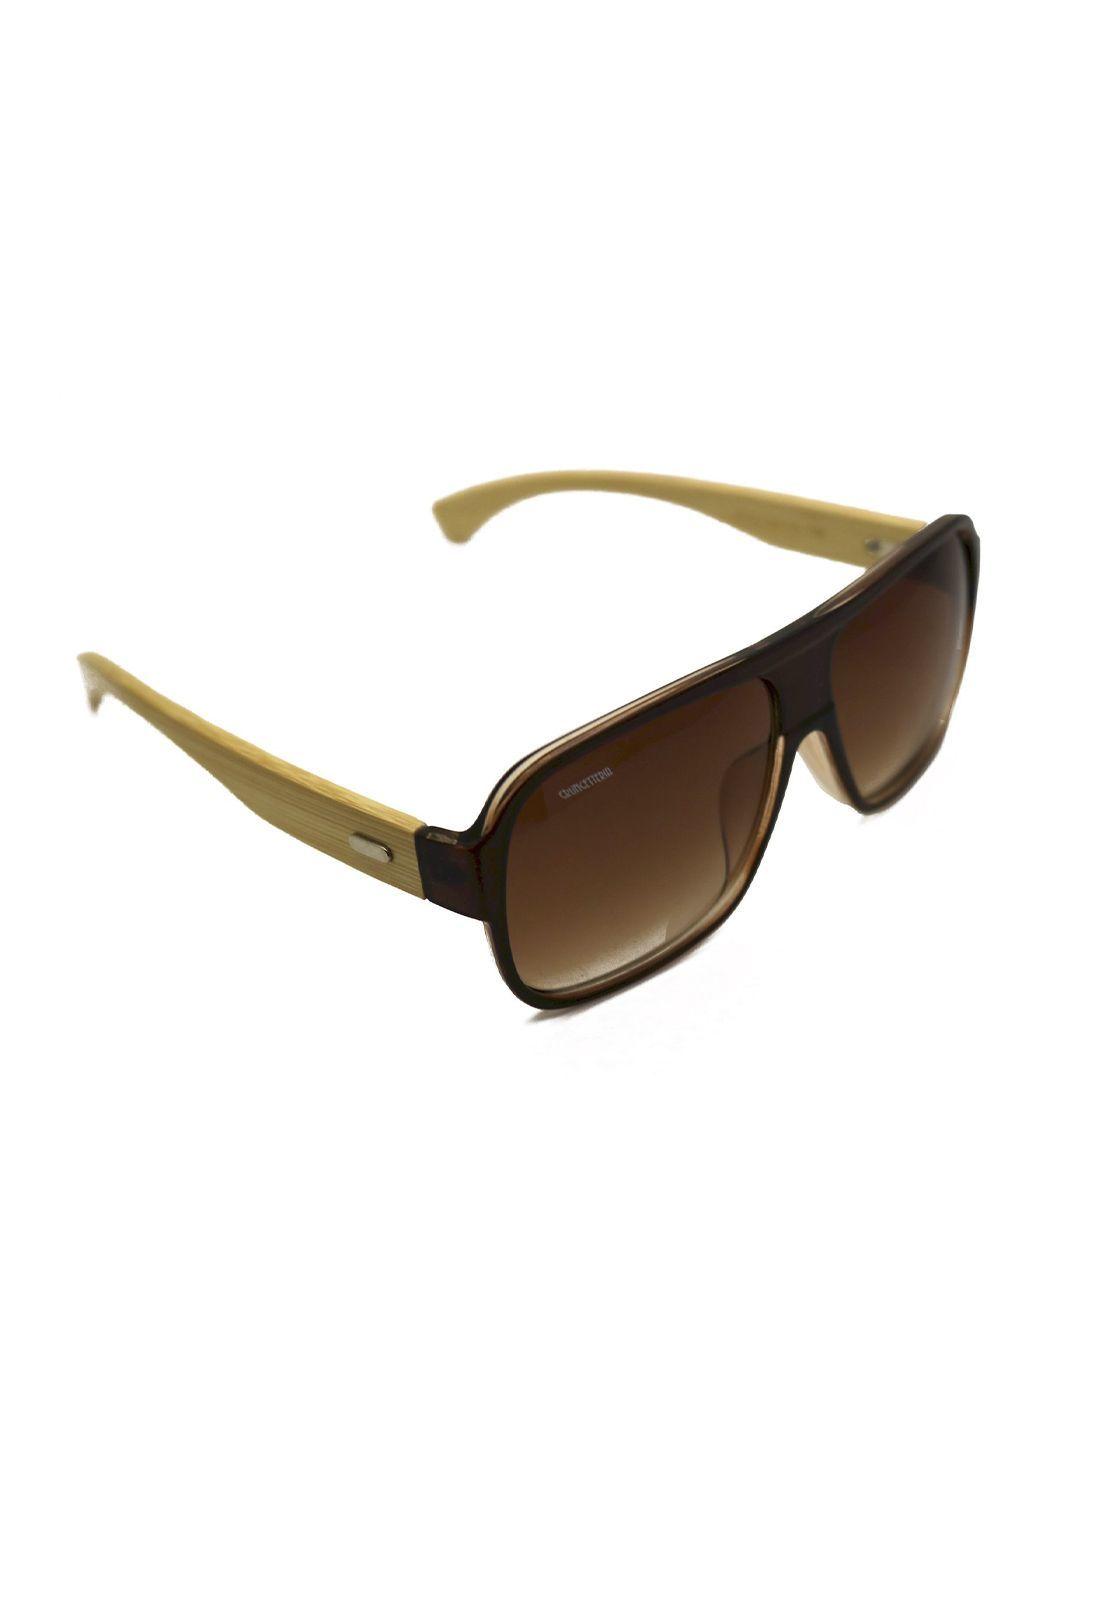 Óculos de Sol Grungetteria Bamboocean Marrom